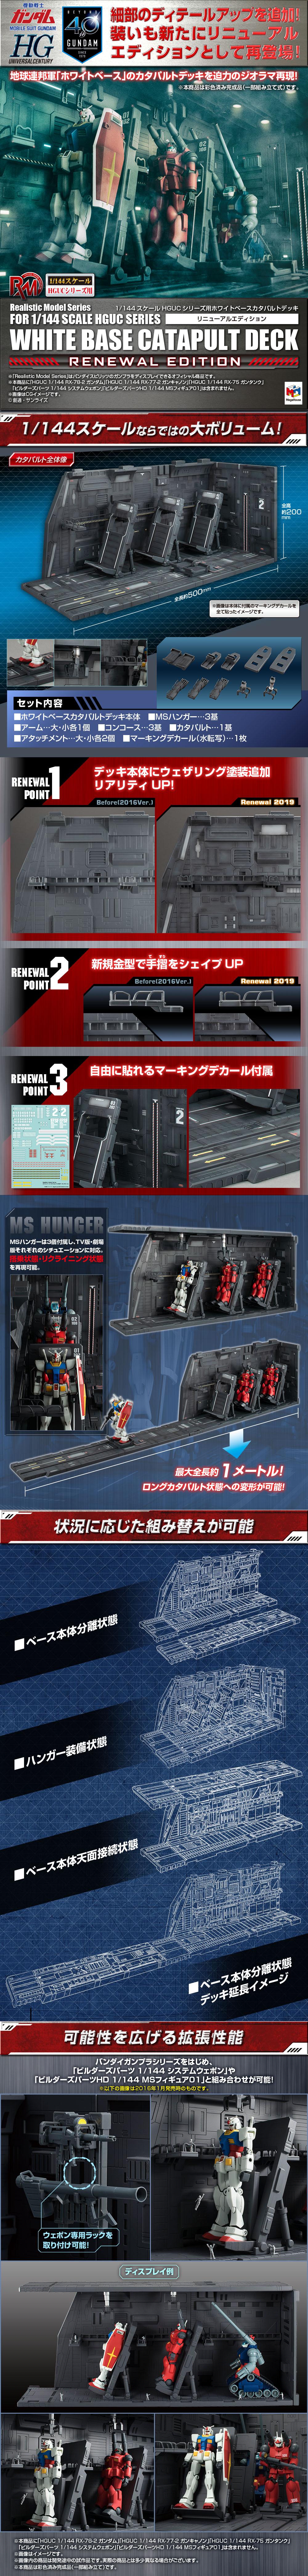 その他 ホビー商品Realistic Model Series 機動戦士ガンダム 1/144 HGUC用 ホワイトベース カタパルトデッキ Renewal edition